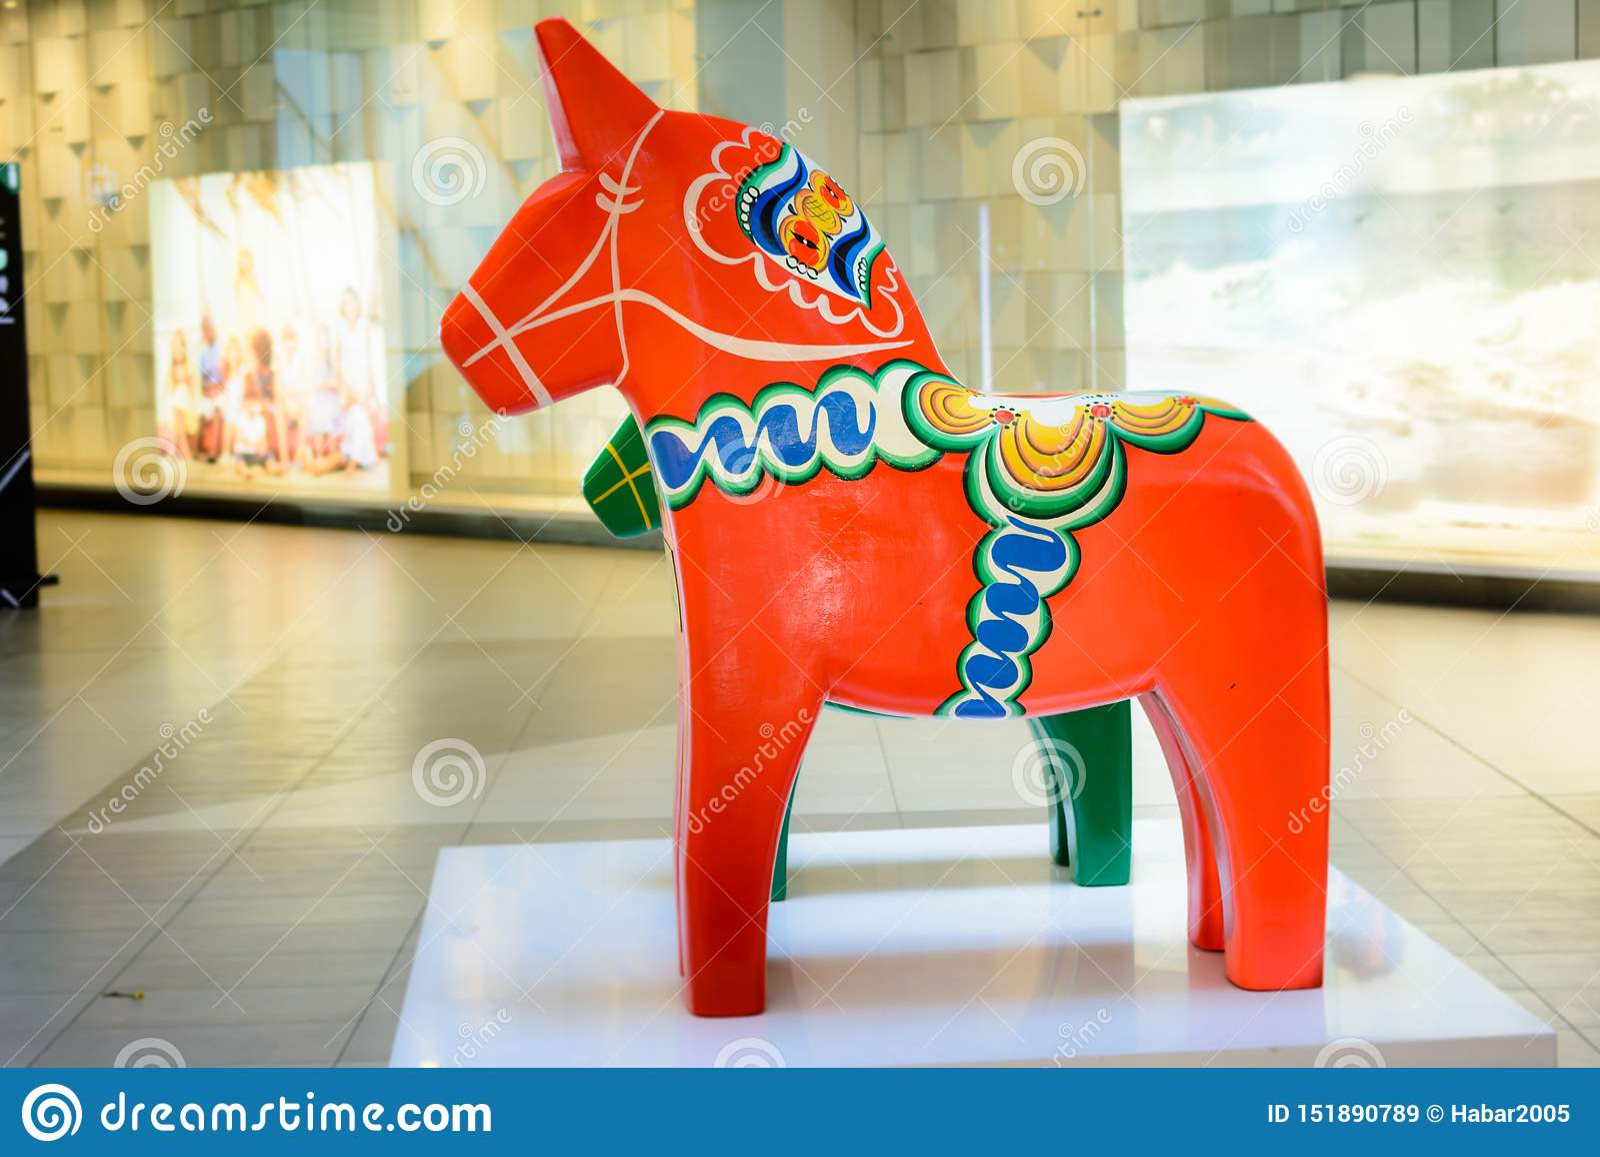 Röd och grön stor svensk Dala häst Det traditionella trädalahästsymbolet av det svenska Dalarna landskapet